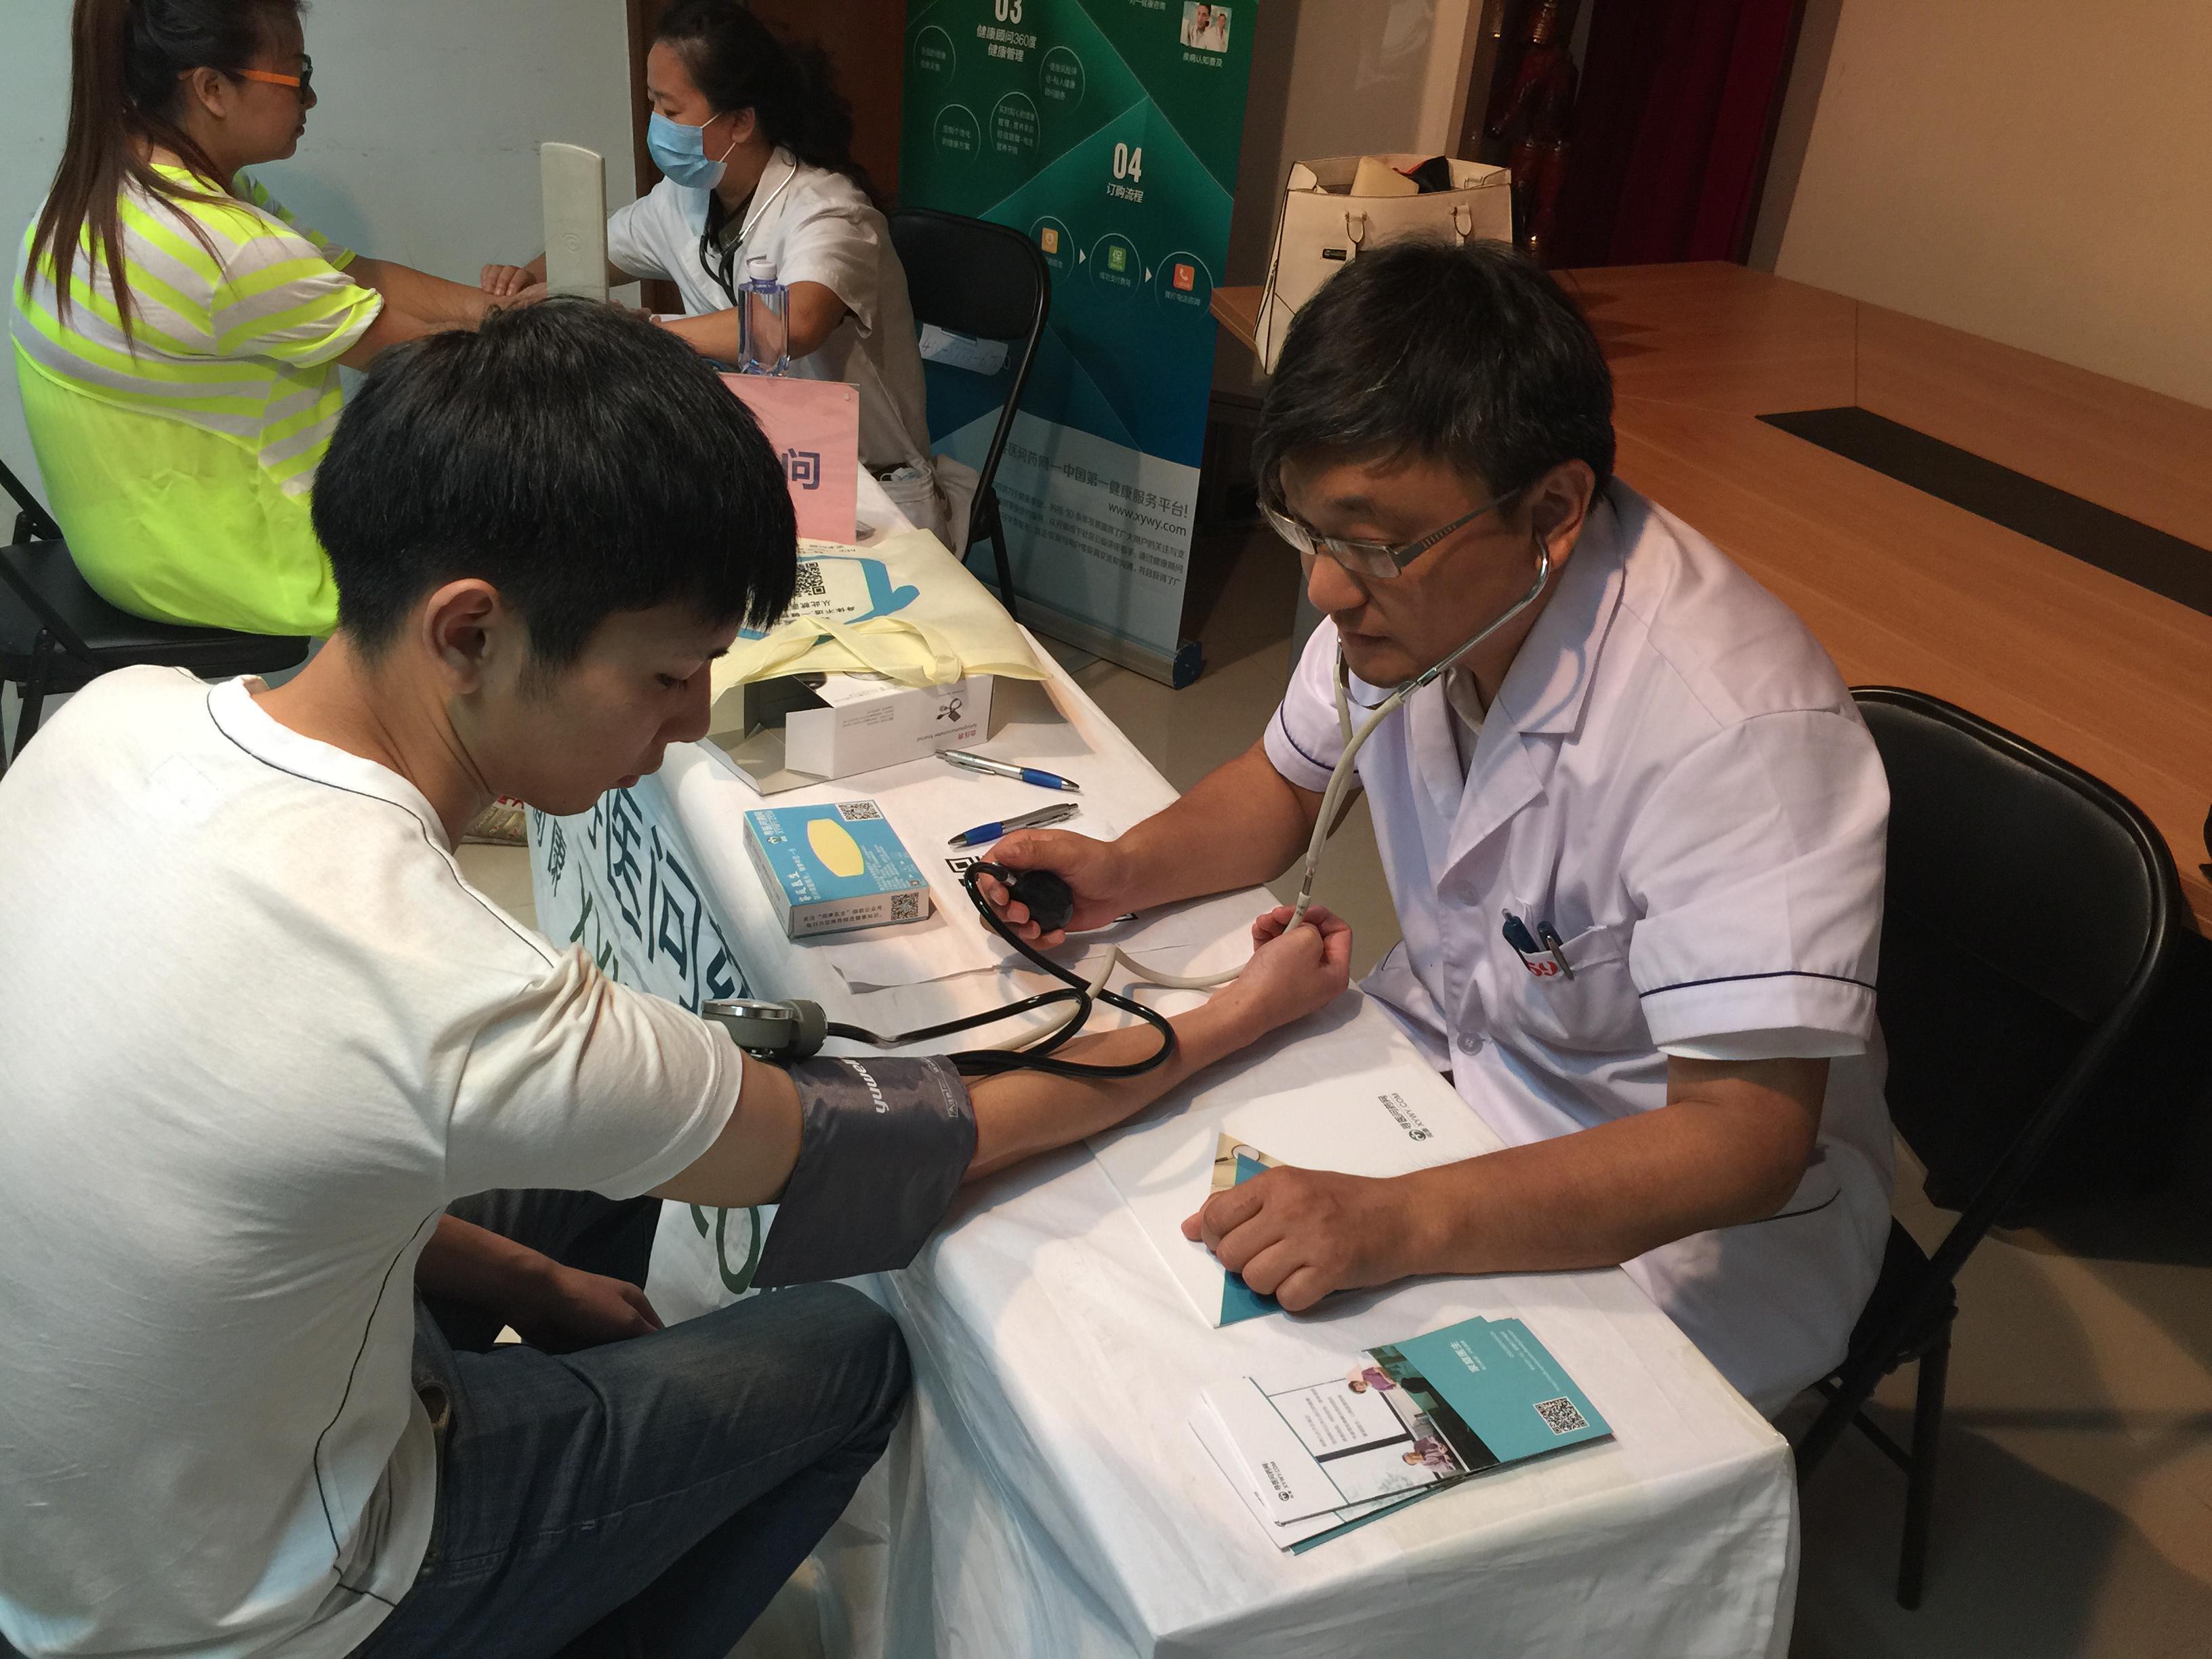 安贞医院心外科主任穆医师给居民精准的血压测量,观察高低压的频率,通过血压高低的间隙分析健康。